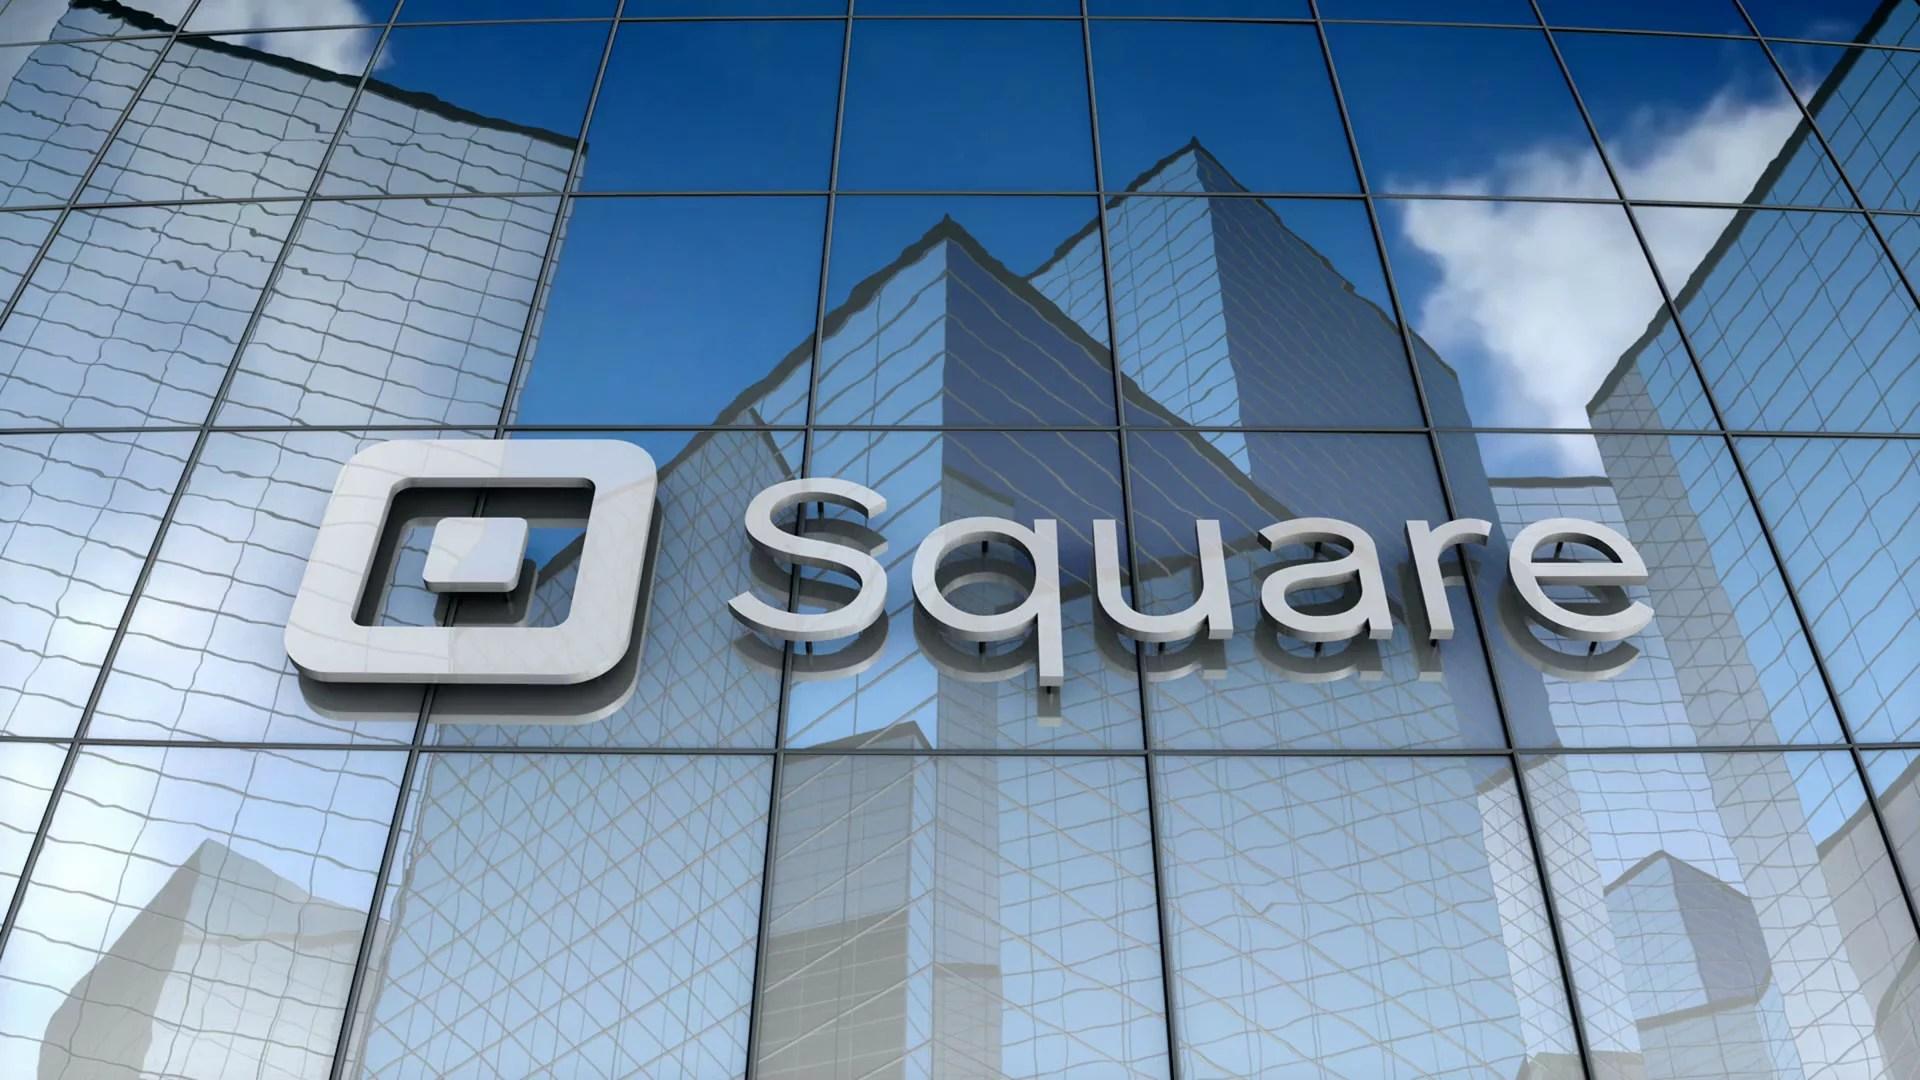 Square logró 1.6 mil millones de dólares en sus ingresos trimestrales de Bitcoin